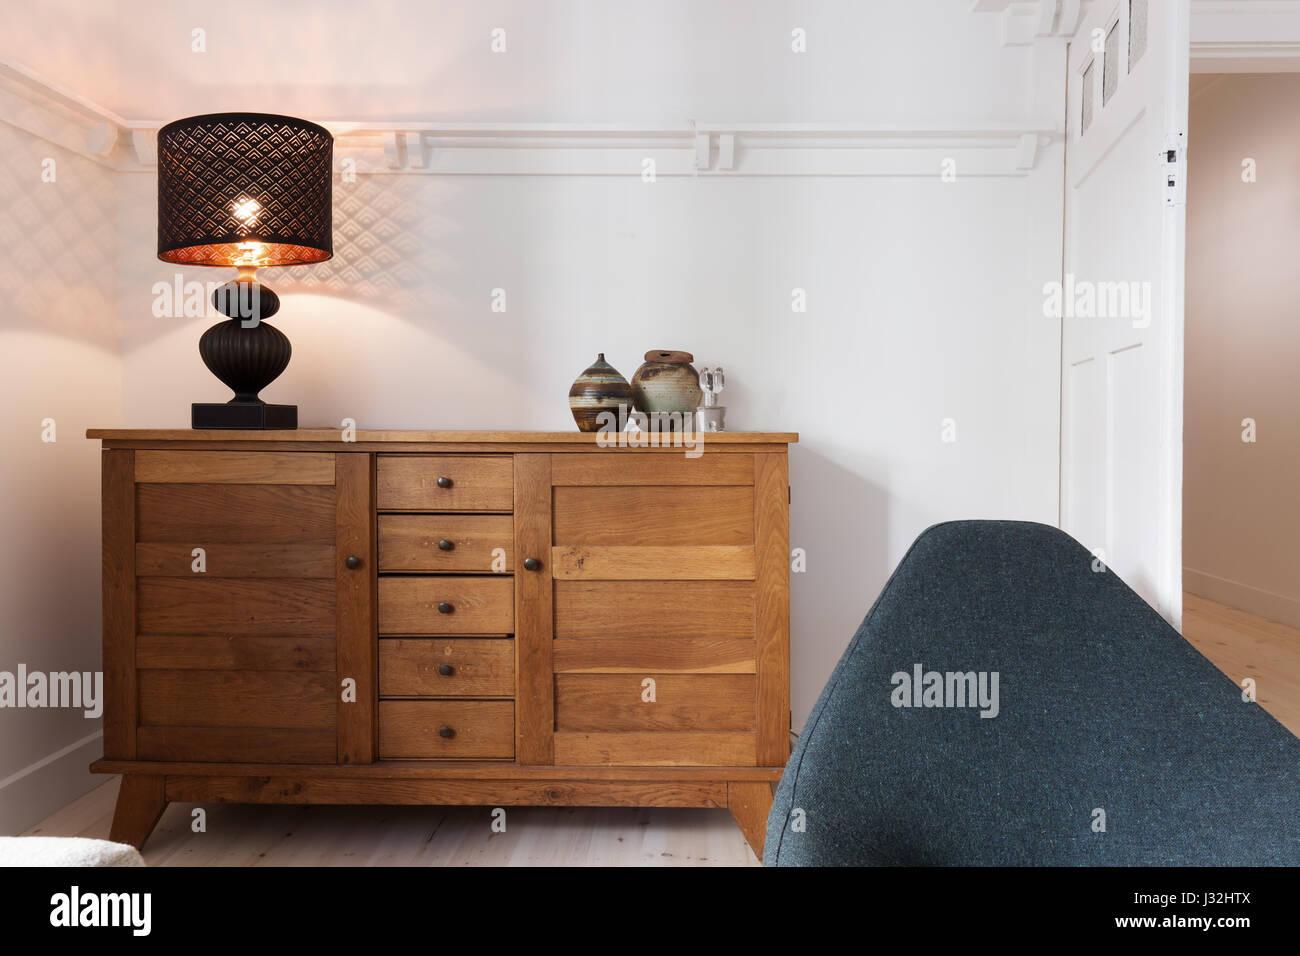 Beleuchtete Lampe Auf Sideboard Buffet Im Luxus Wohnzimmer Stockfoto